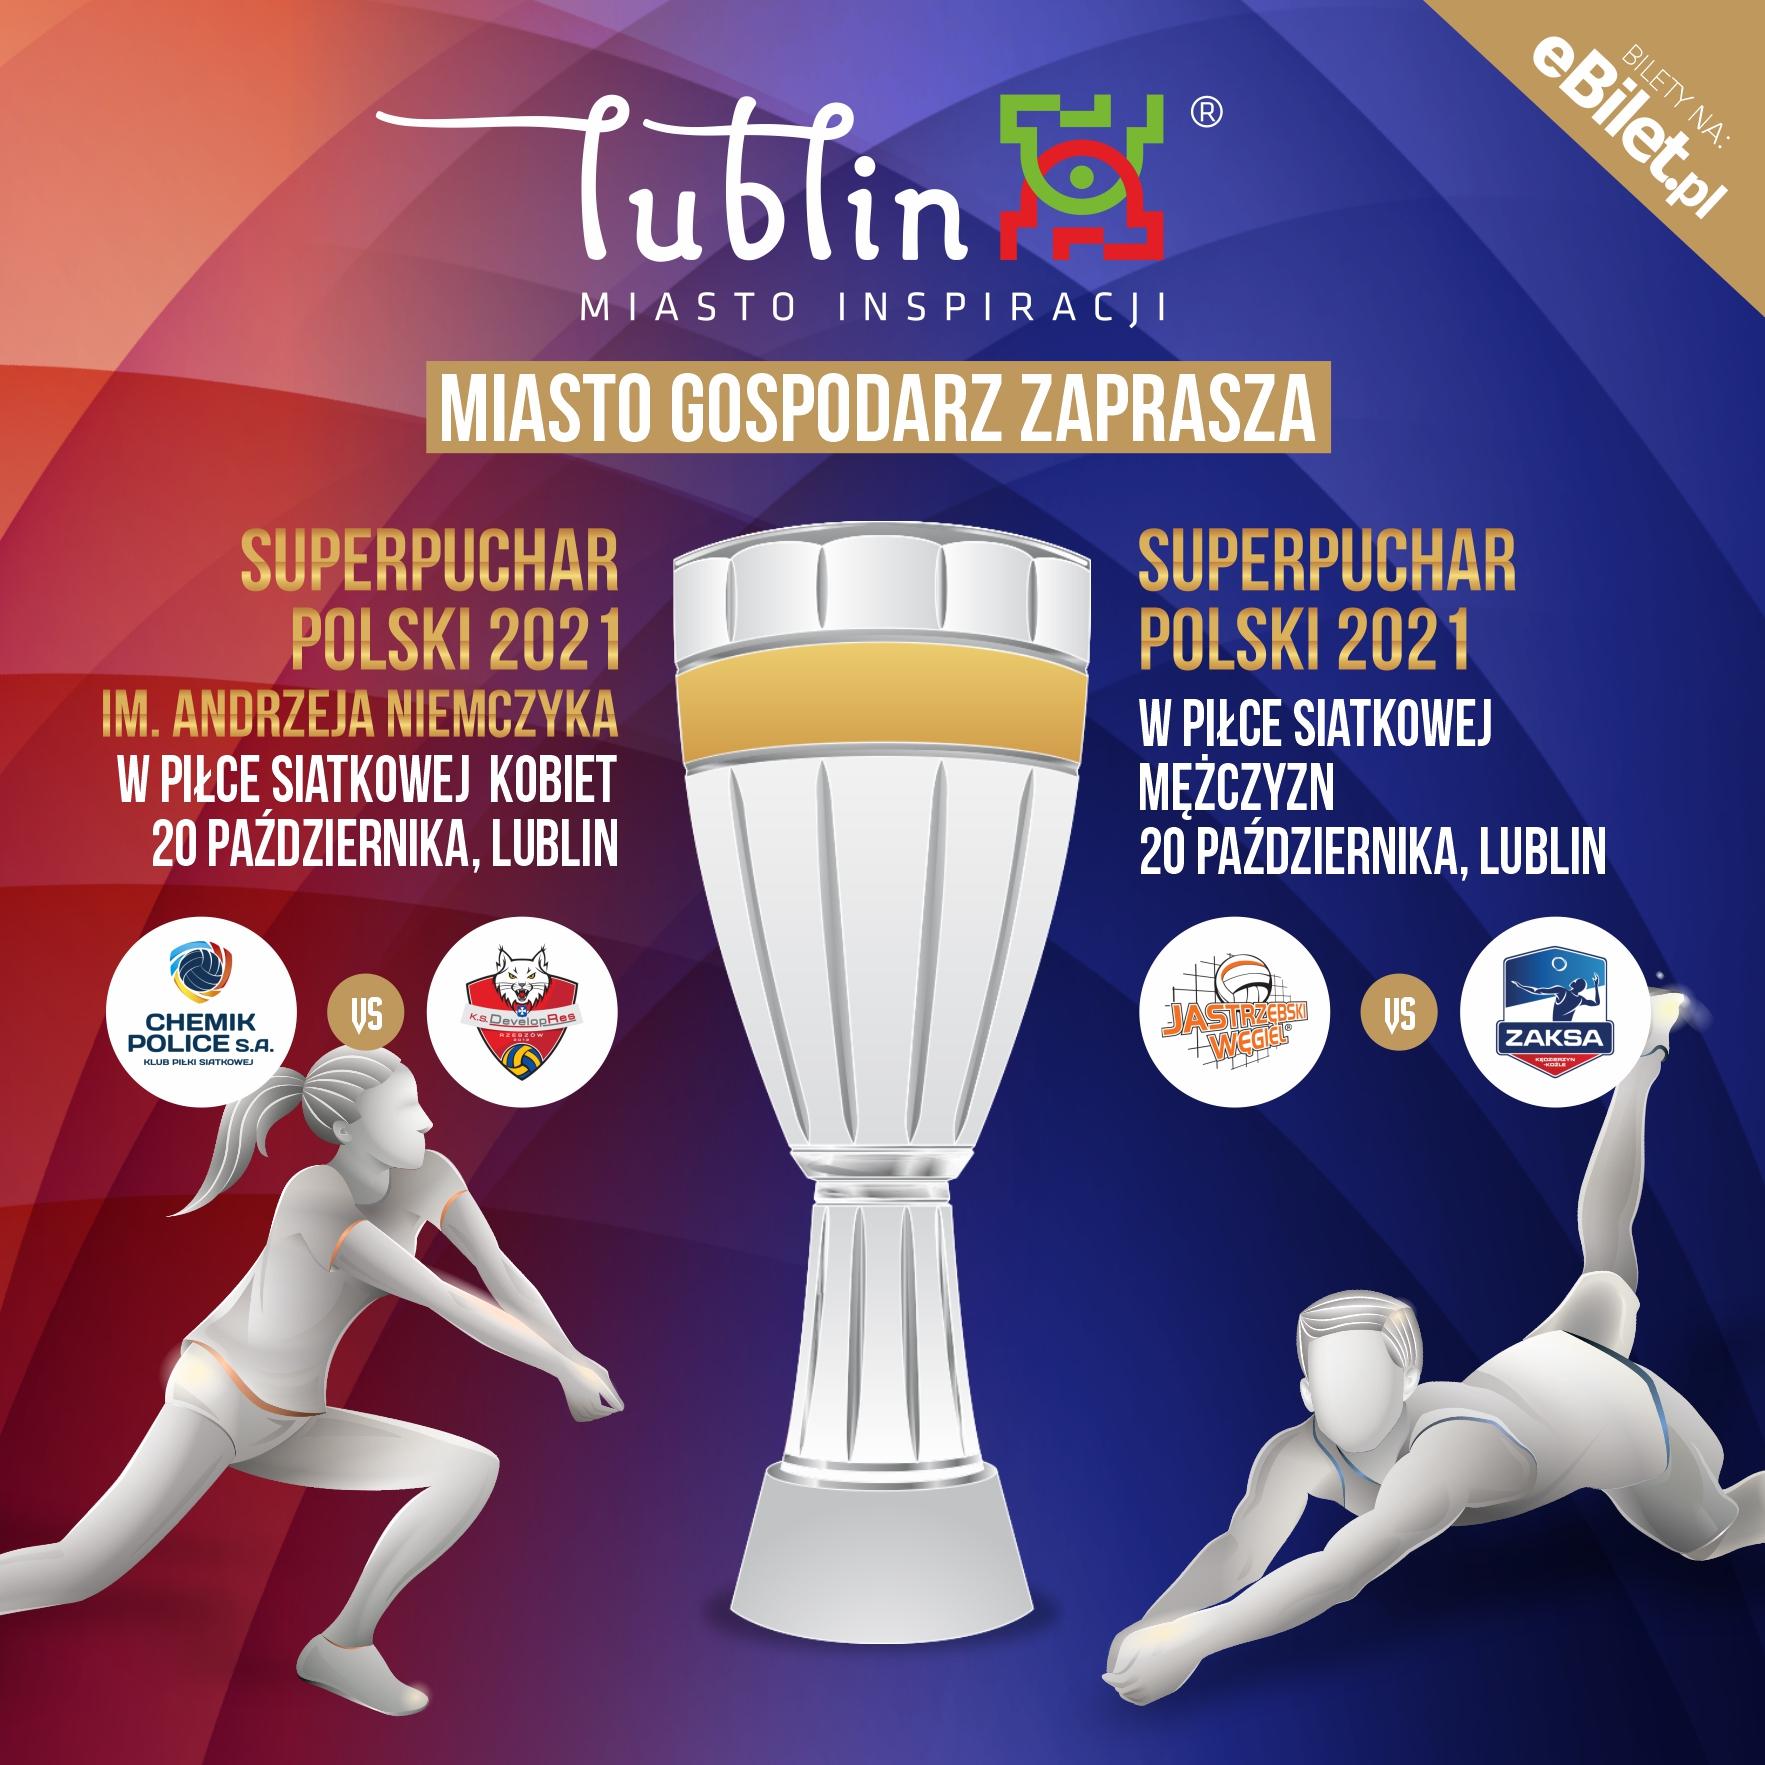 Oba siatkarskie Superpuchary Polski jednego dnia w Lublinie!